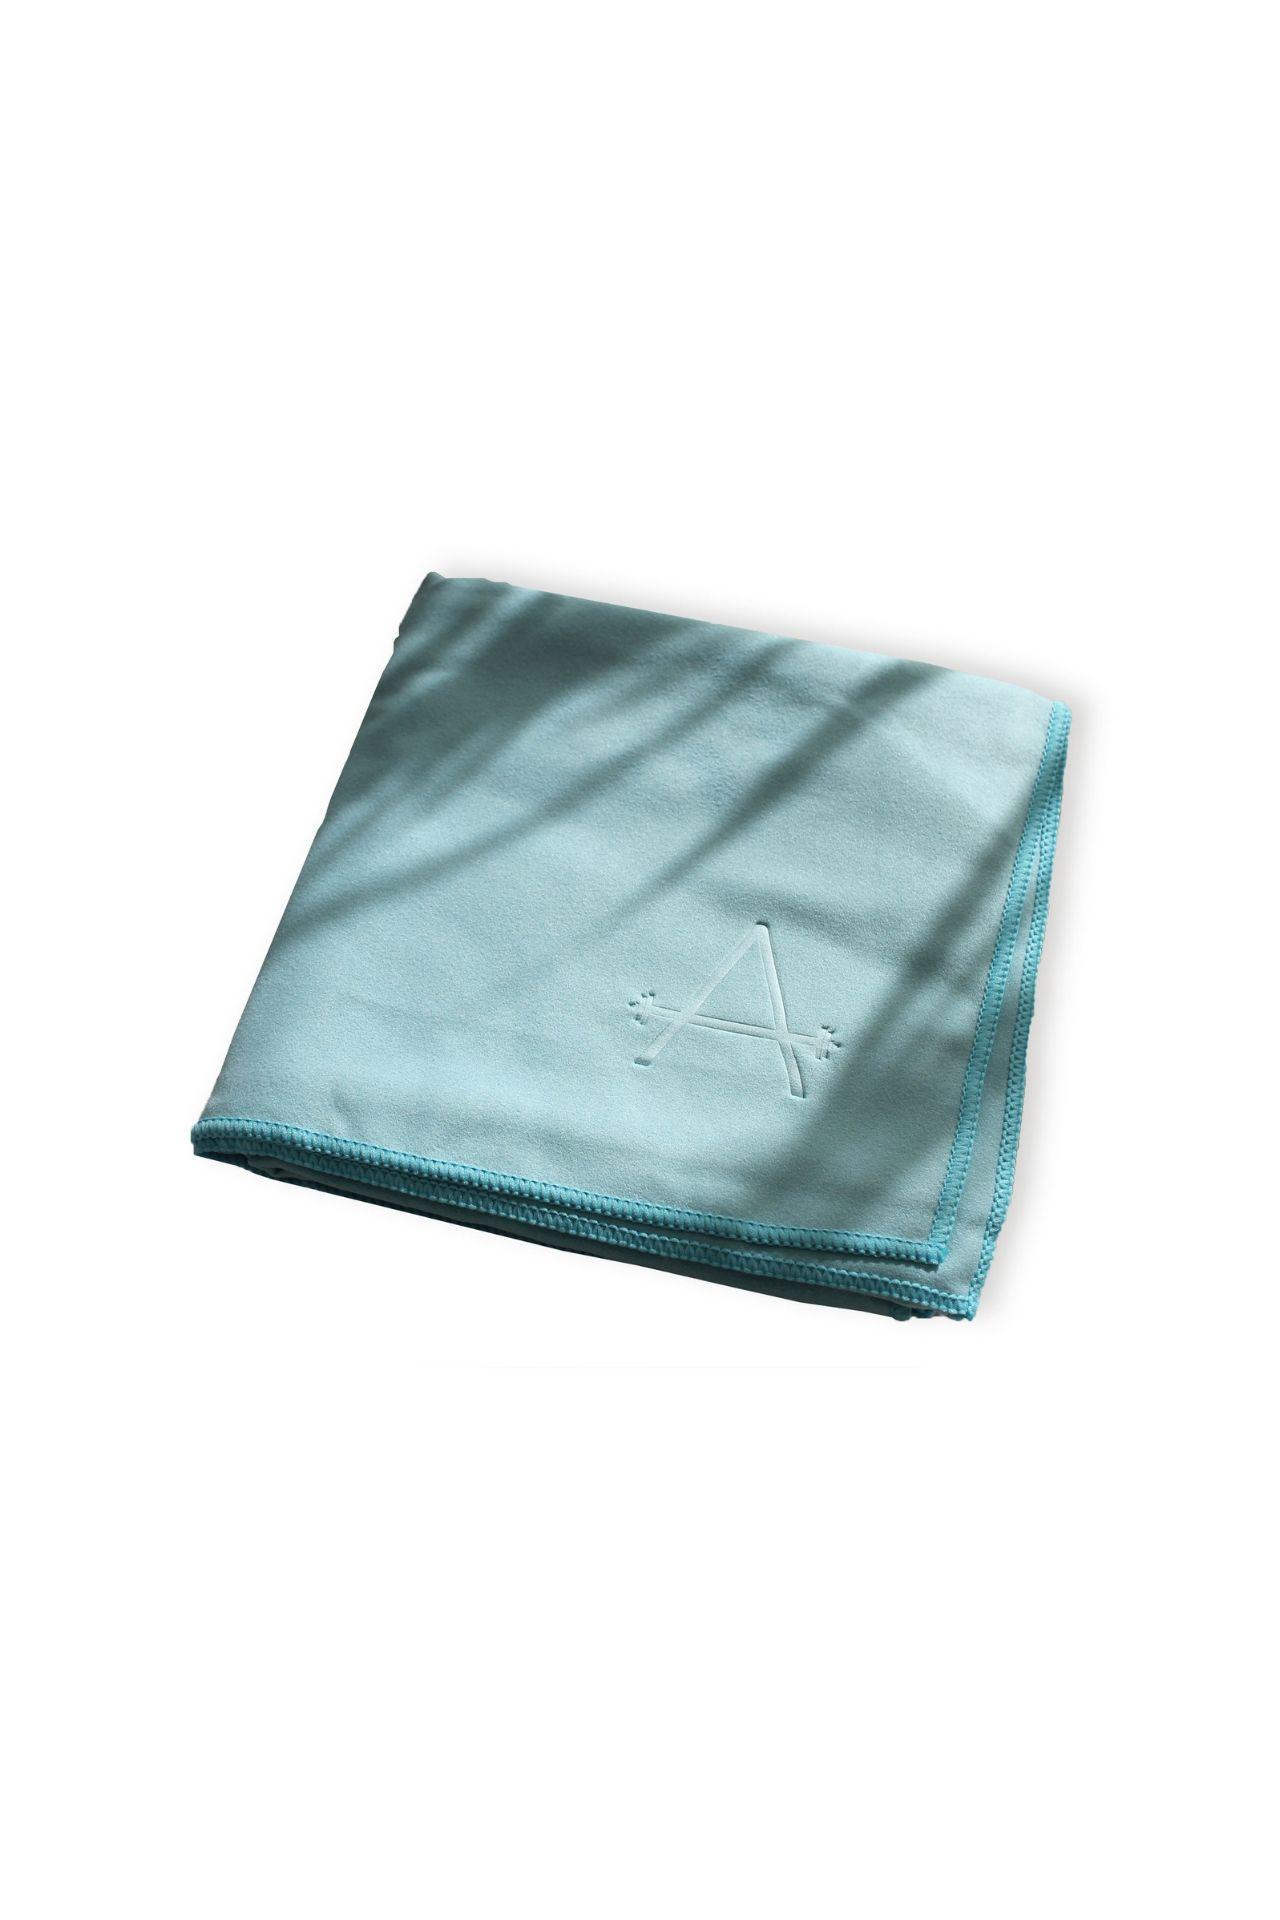 Toalla de rápida absorción, muy ligera, perfecta para viajes.  Ideal para todo tipo de deportes: natación, gimnasio, etc.  Alto (cm) 150  Ancho (cm) 0.1  Largo (cm) 75  Modelo  -  Peso (kg) 0.15  Material Microfibra